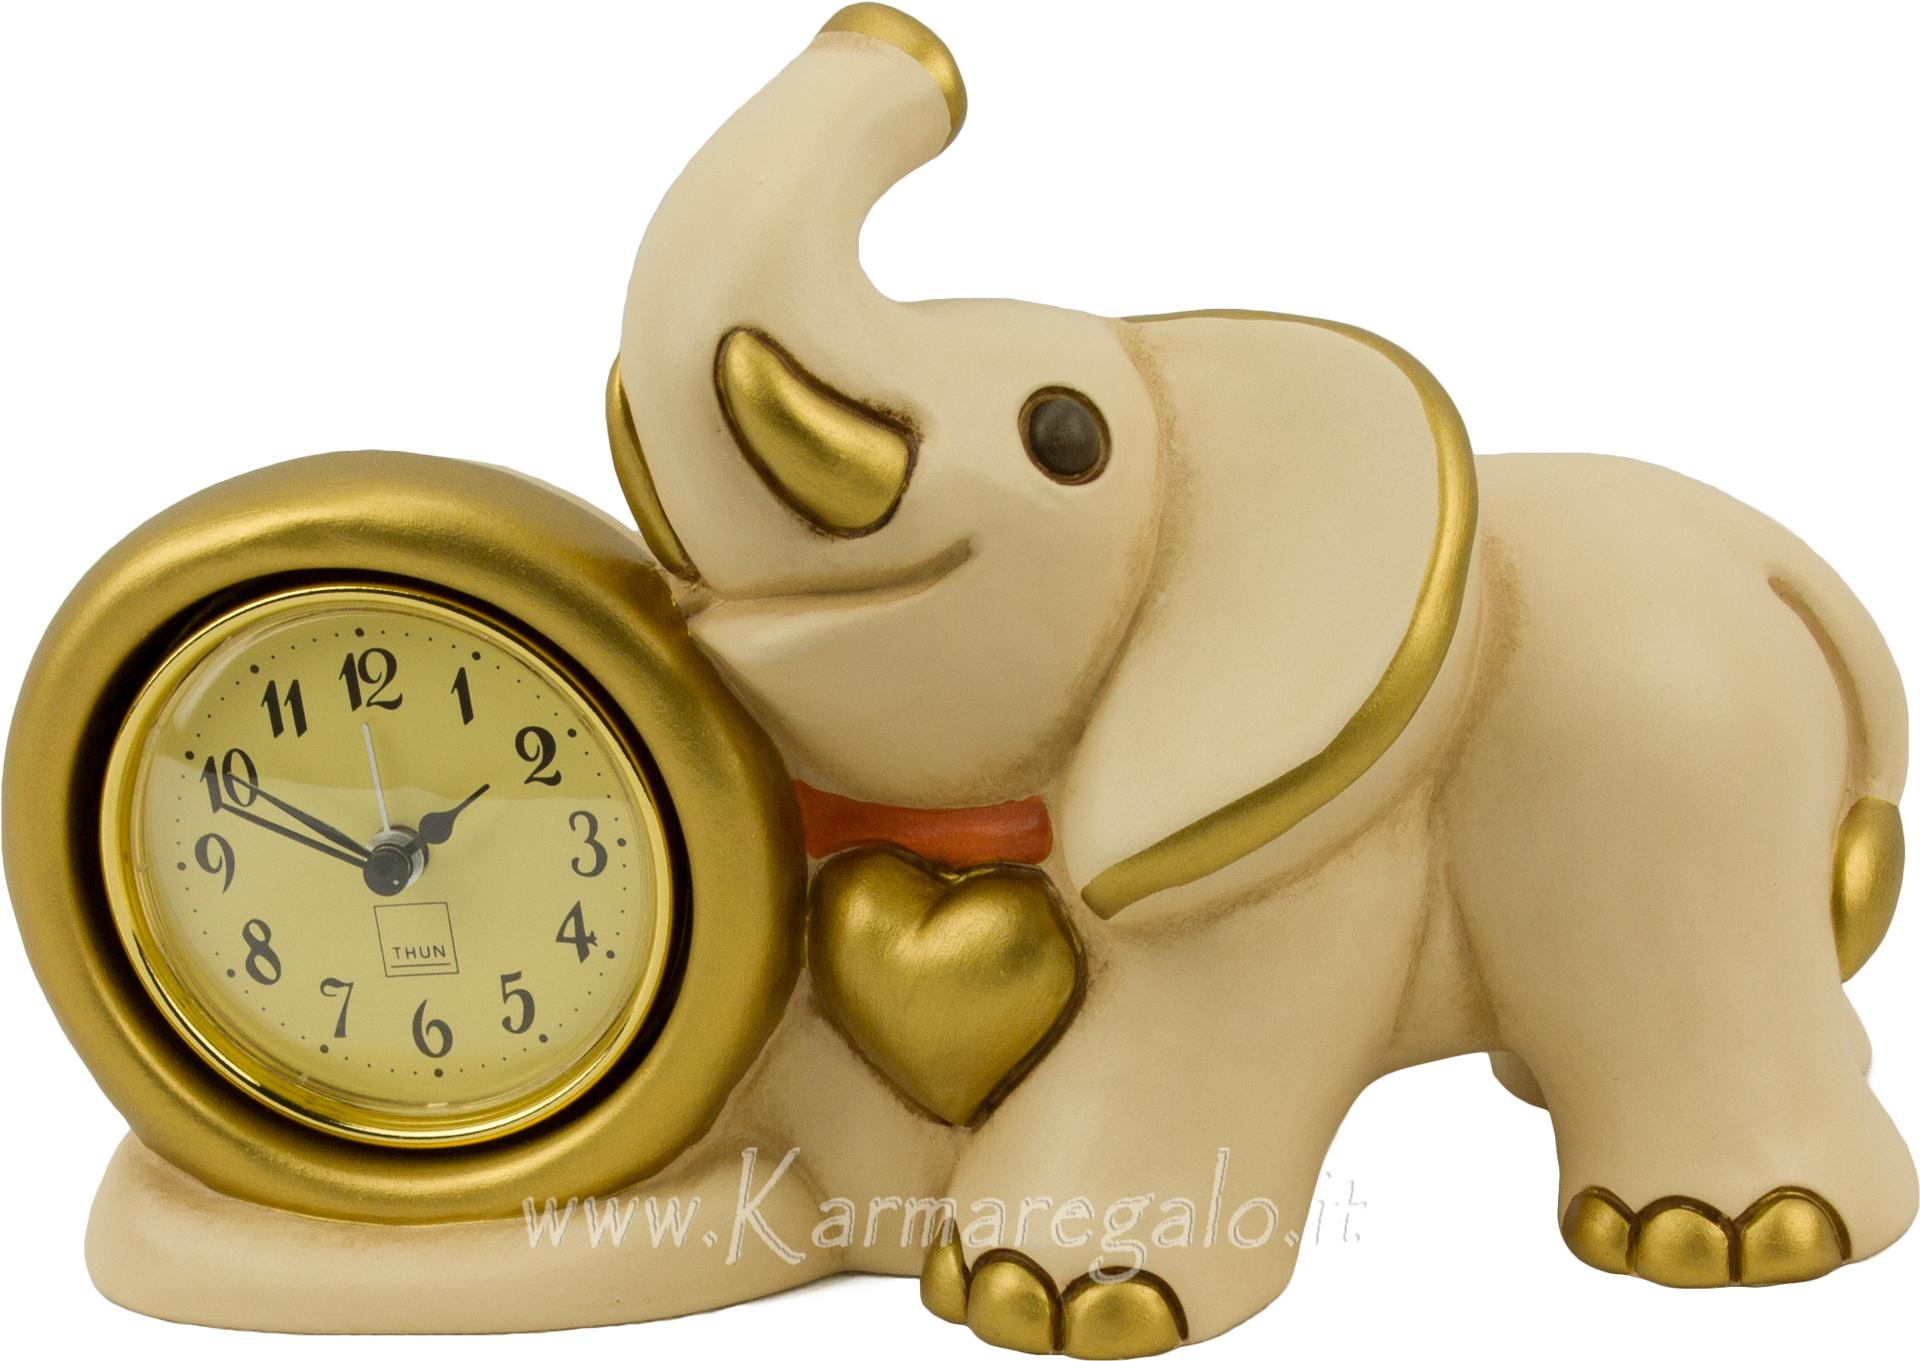 Orologio elefante con sveglia for Sveglia thun prezzo